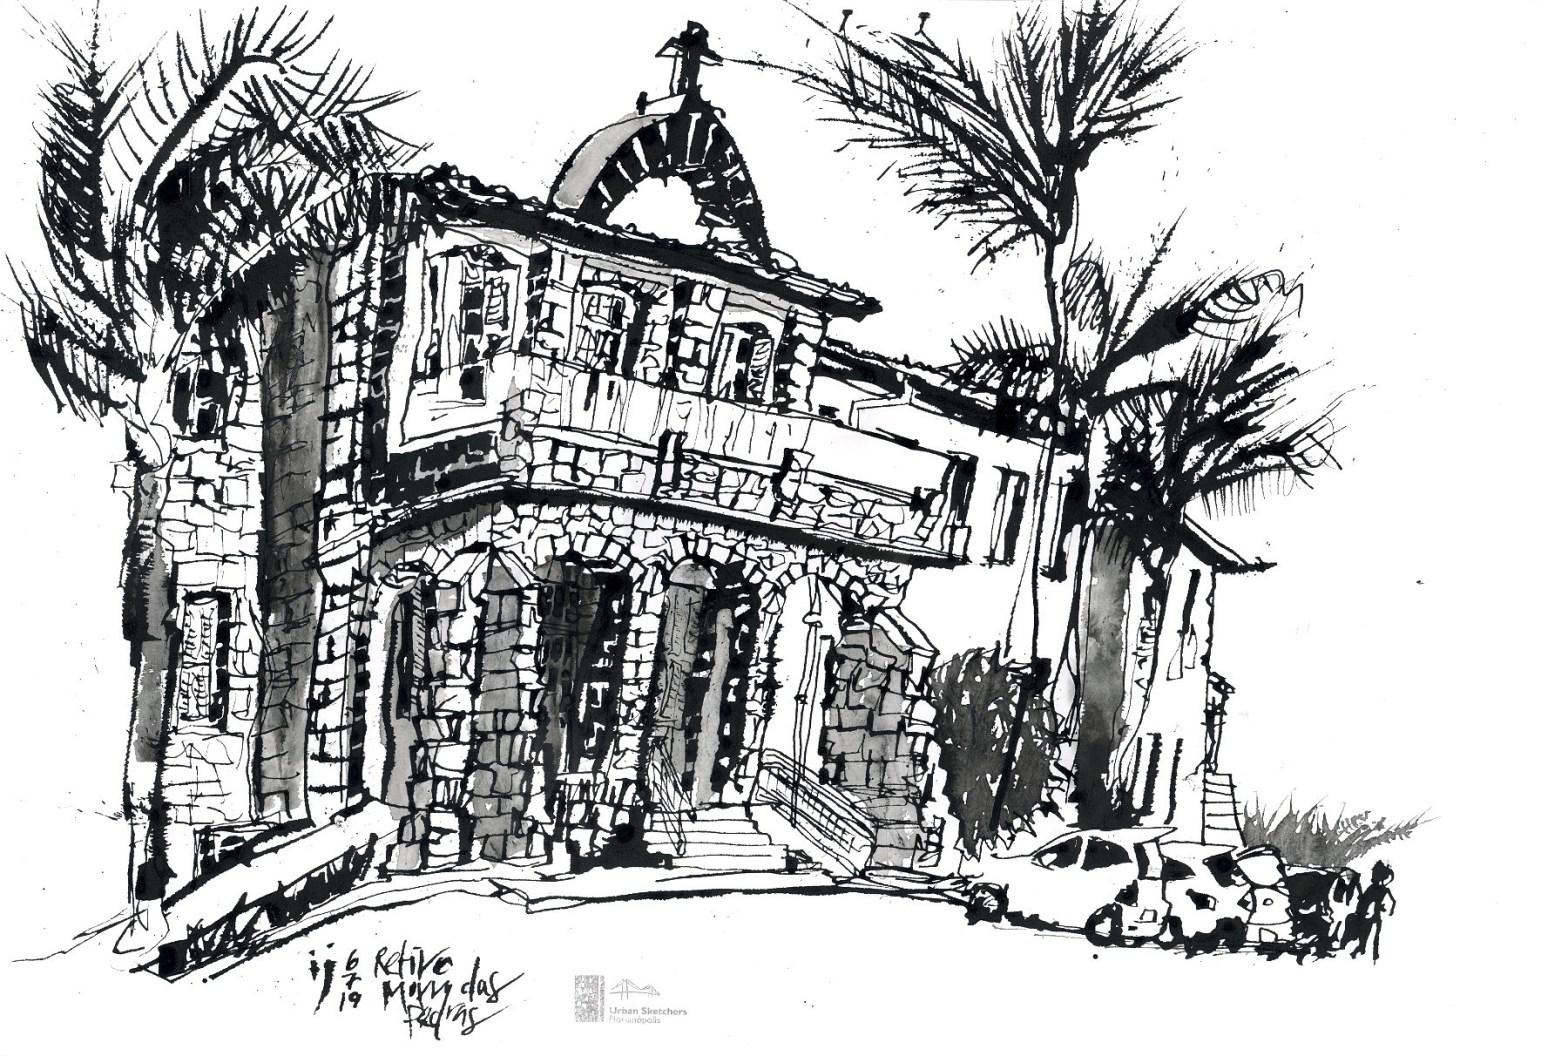 Desenho a traço mostrando o retiro do Morro das Pedras, construção em pedras com arco no telhado, onde há um cruz